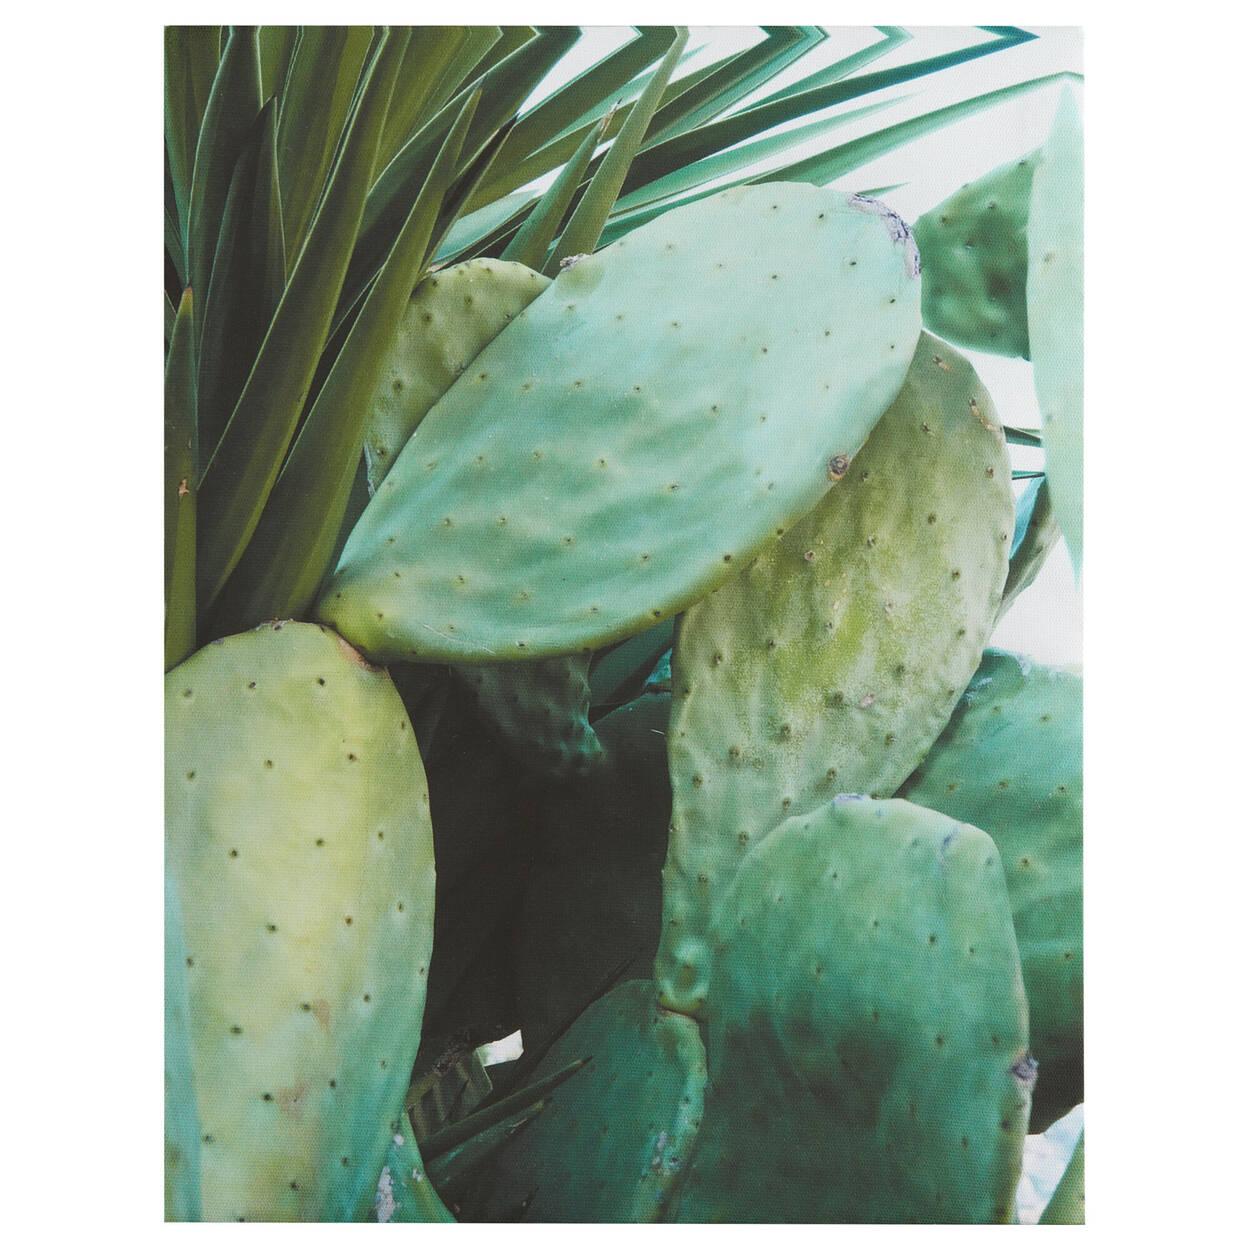 Cactus Printed Canvas